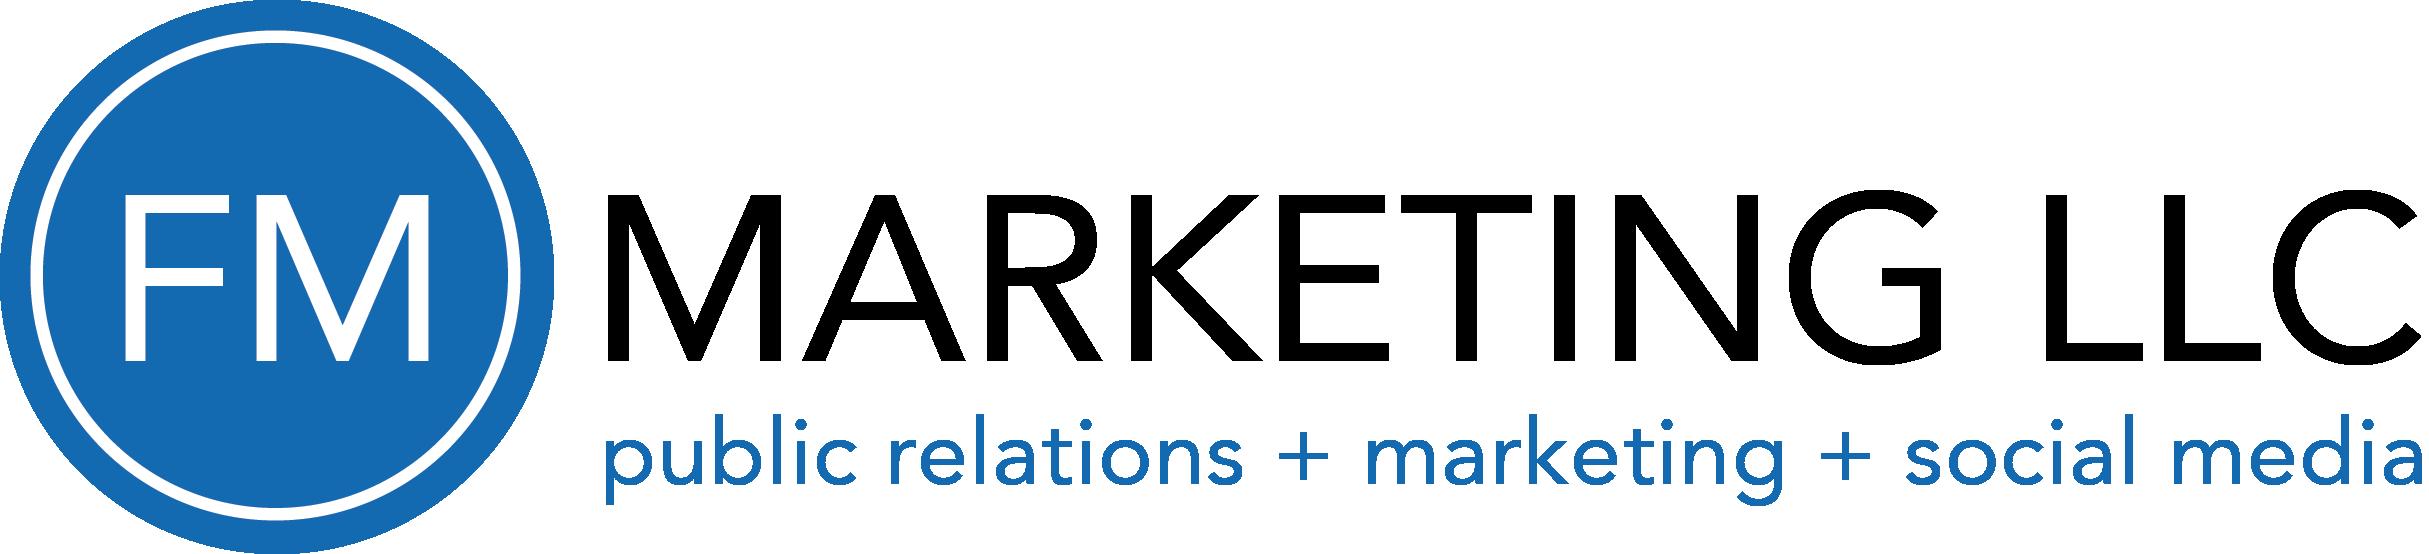 FM-Marketing_Logo_HI-RESRGB.png